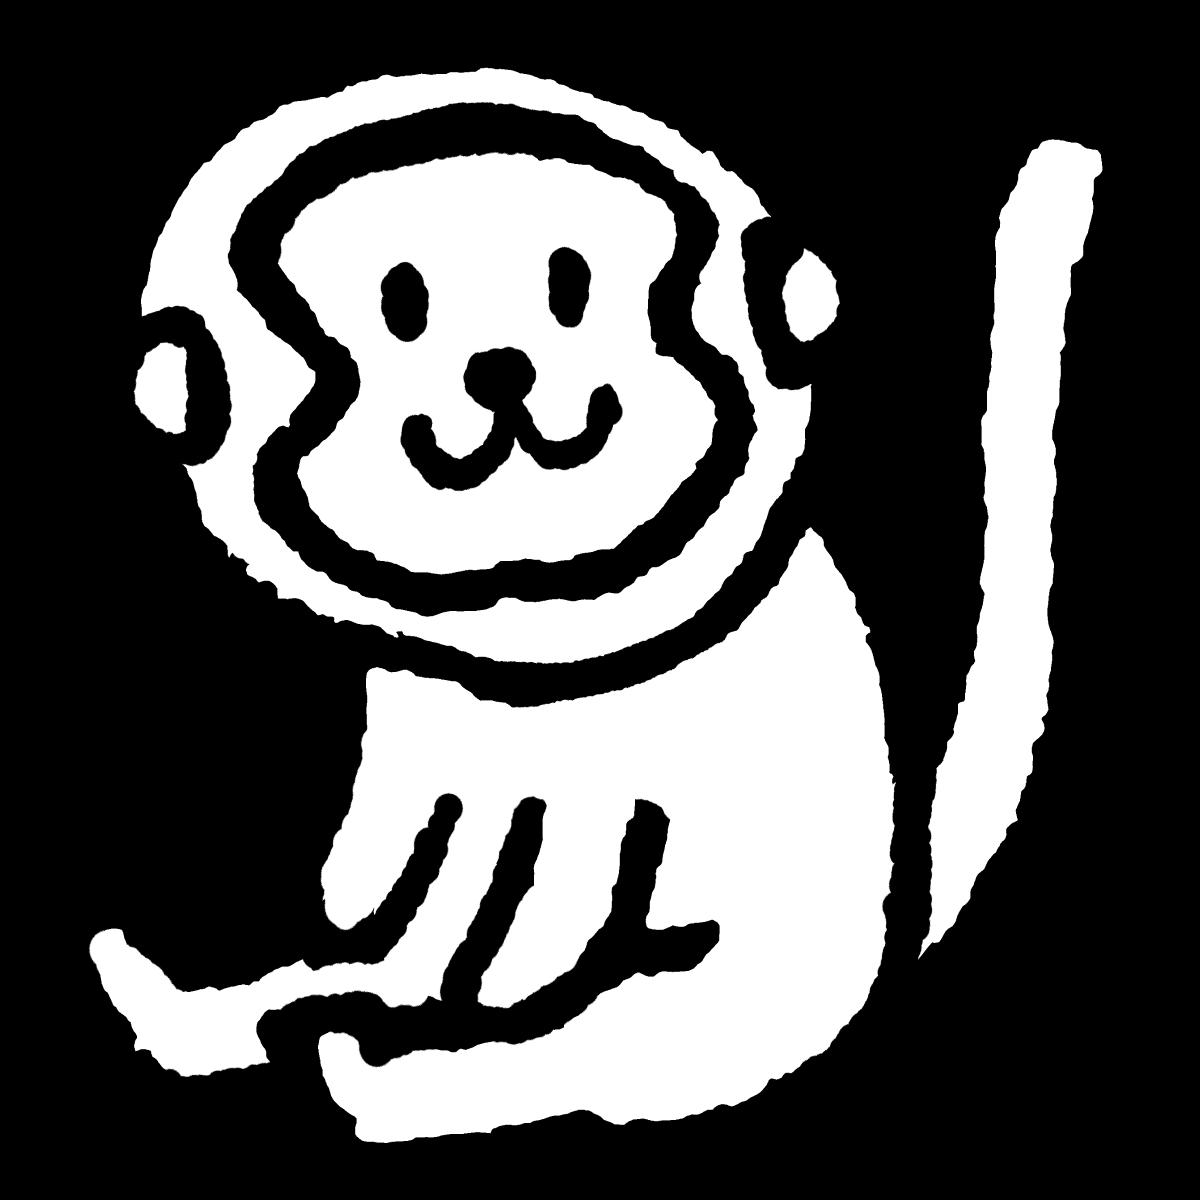 座る猿のイラスト Sitting Monkey てがきですのb かわいい ゆるい無料イラスト